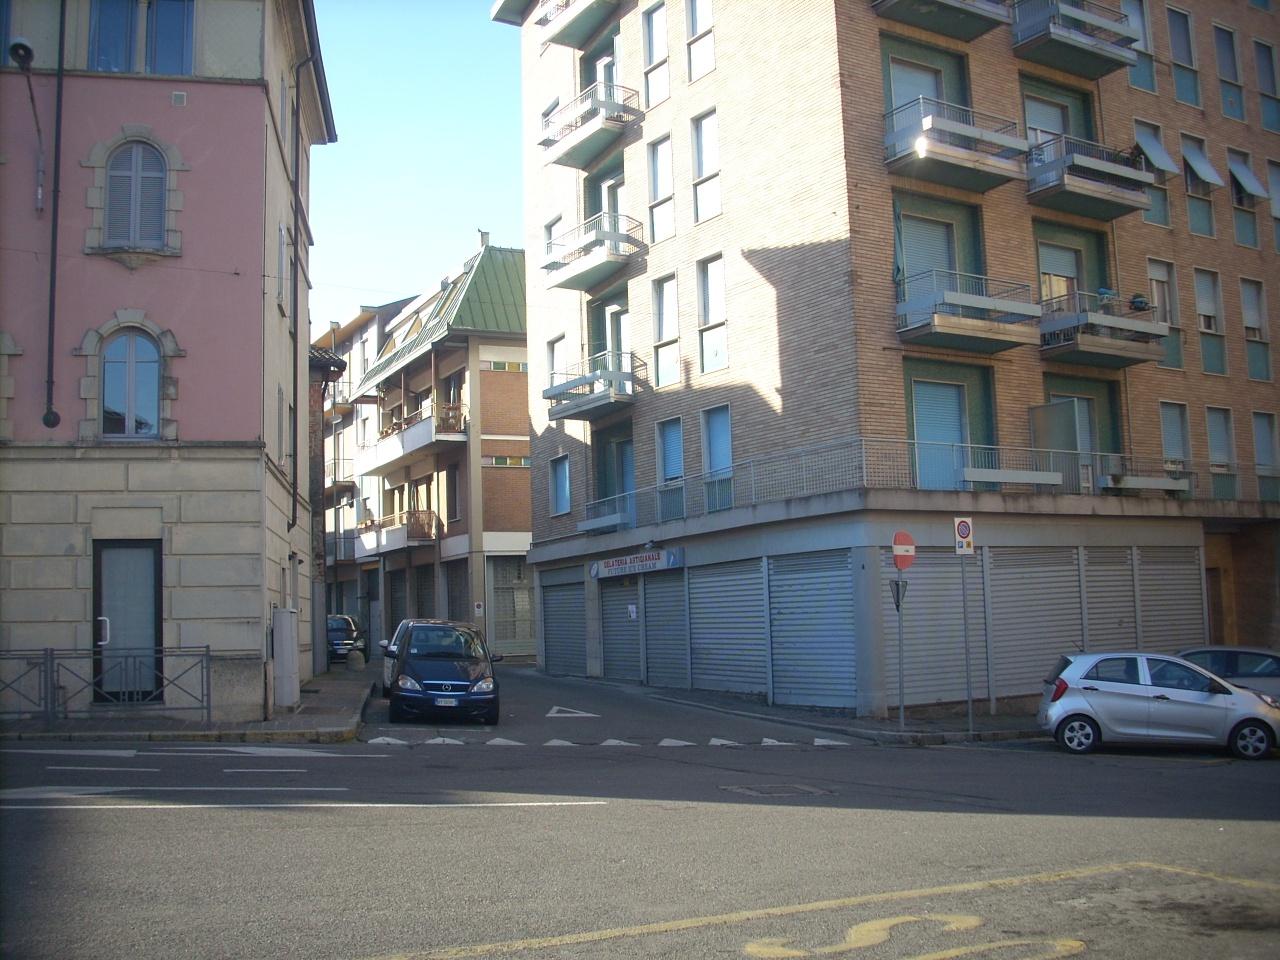 Negozio / Locale in vendita a Broni, 2 locali, prezzo € 58.000 | CambioCasa.it